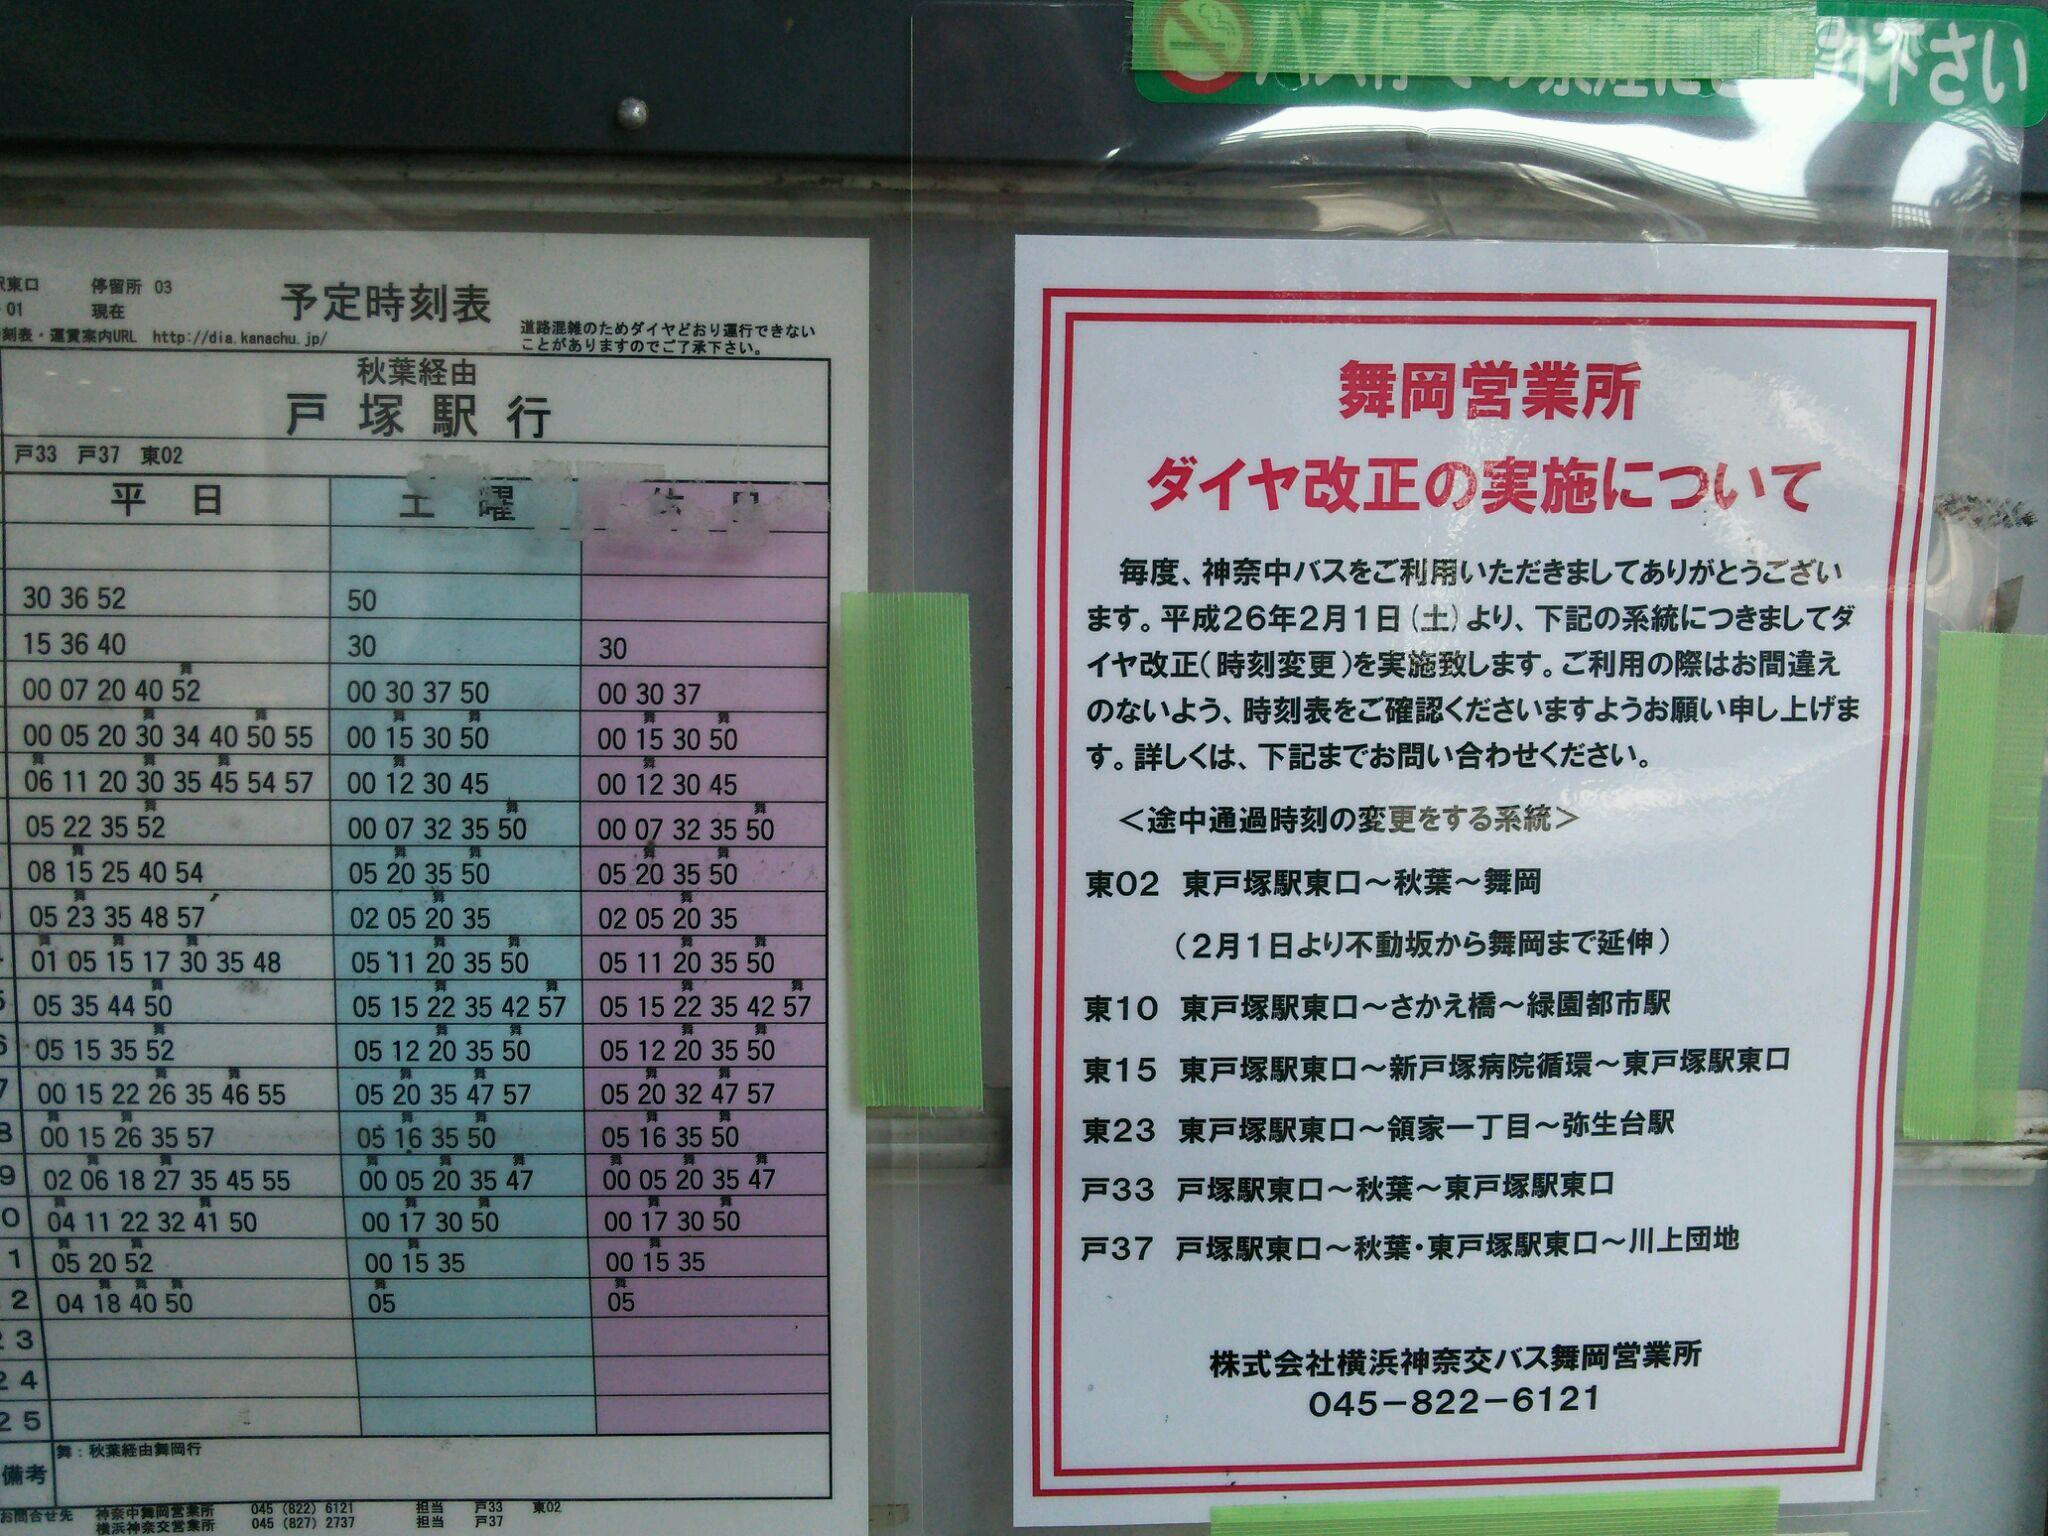 表 かなちゅう 時刻 秋田中央交通 公式サイト